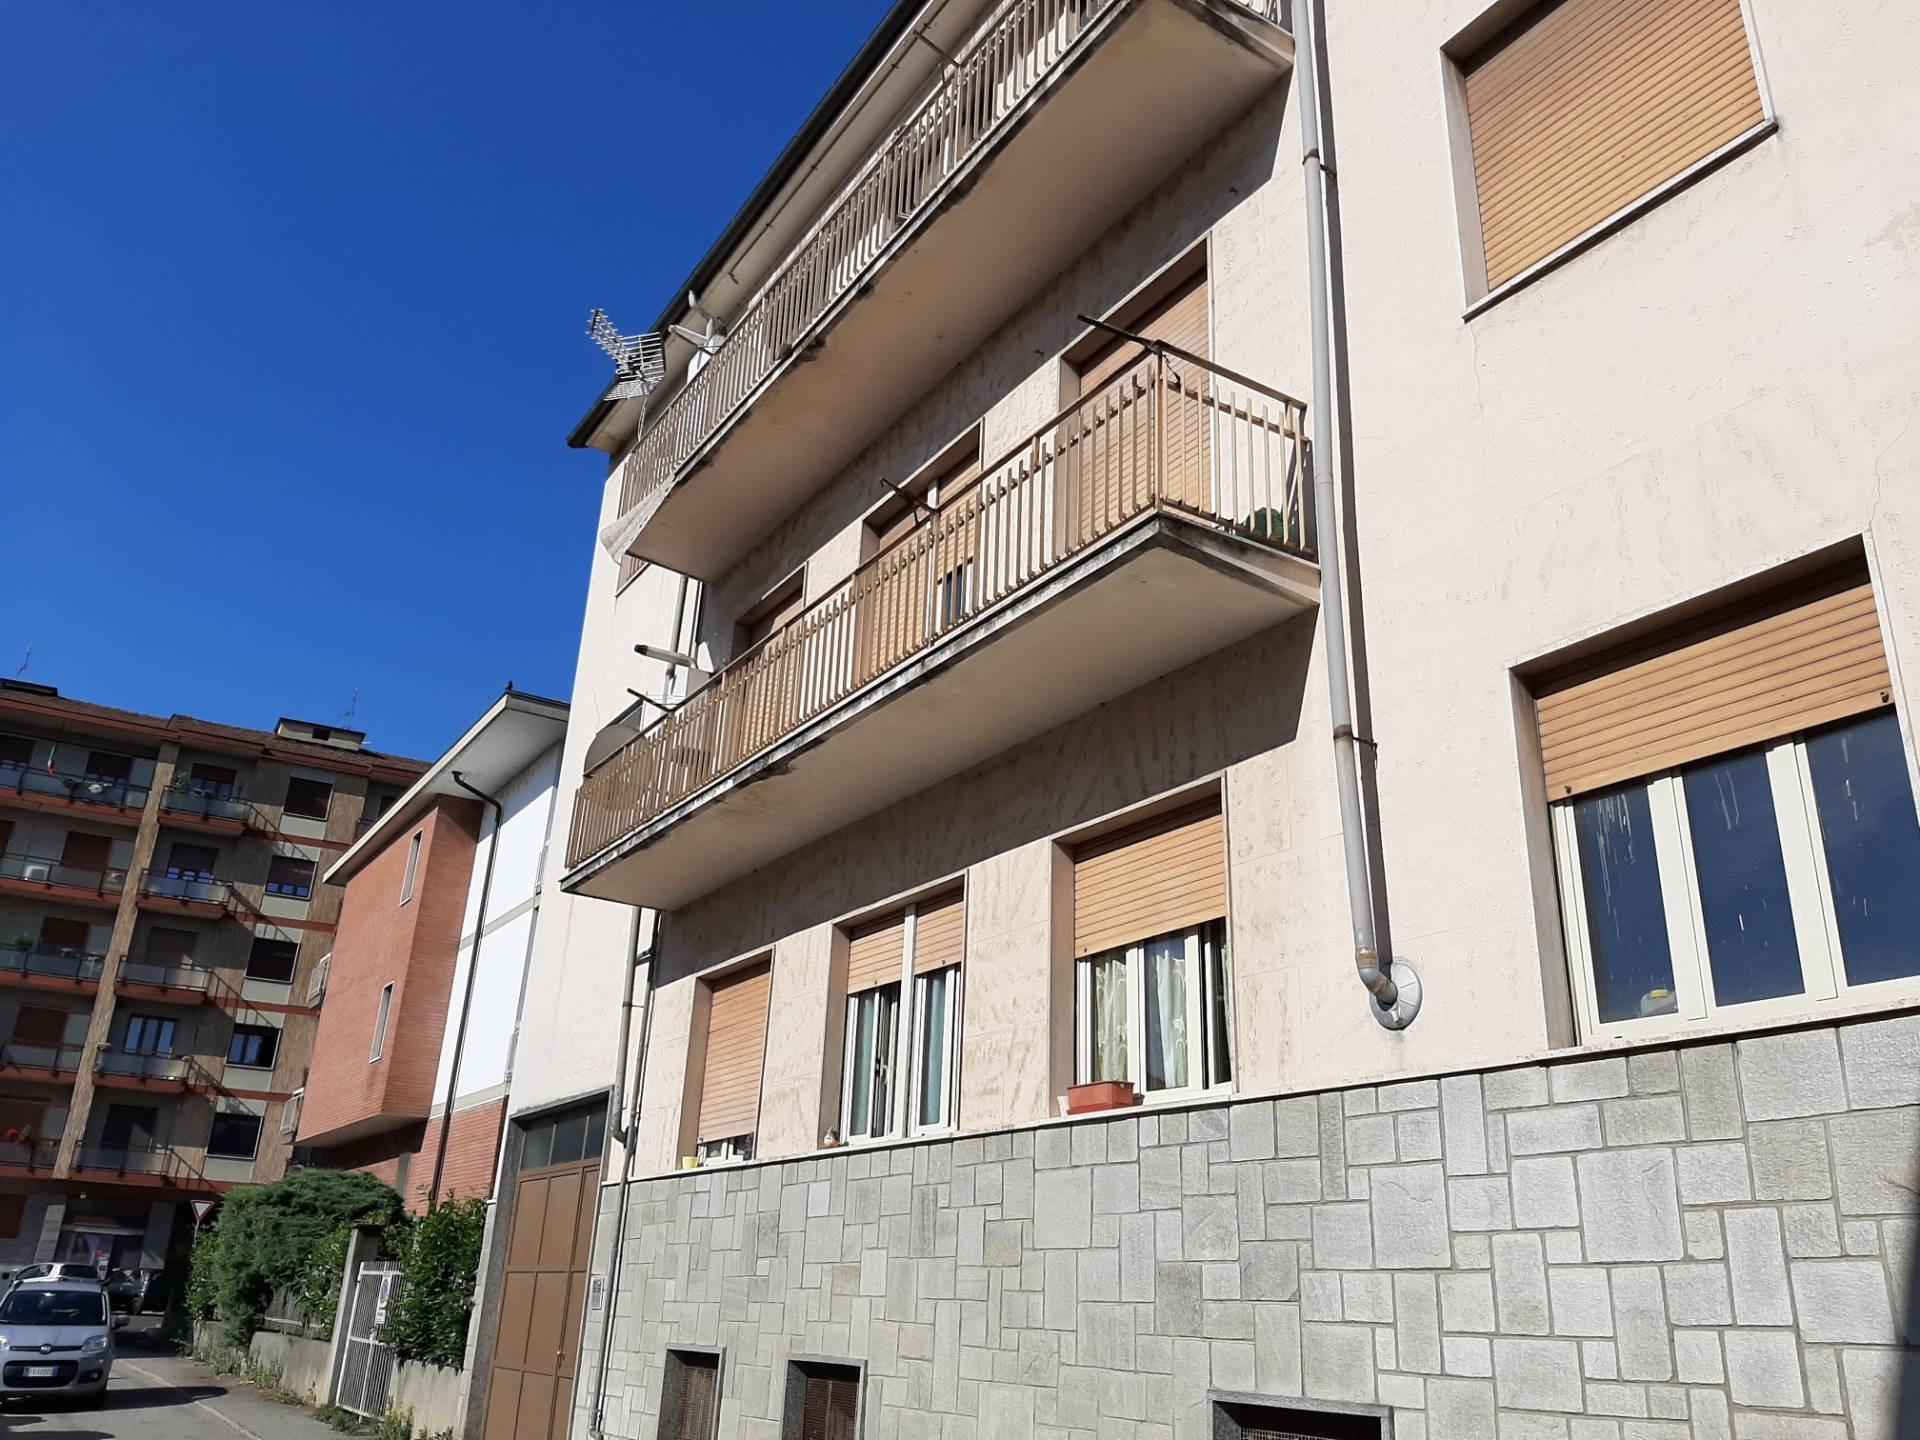 Appartamento in vendita a Moncalieri, 3 locali, prezzo € 135.000   PortaleAgenzieImmobiliari.it